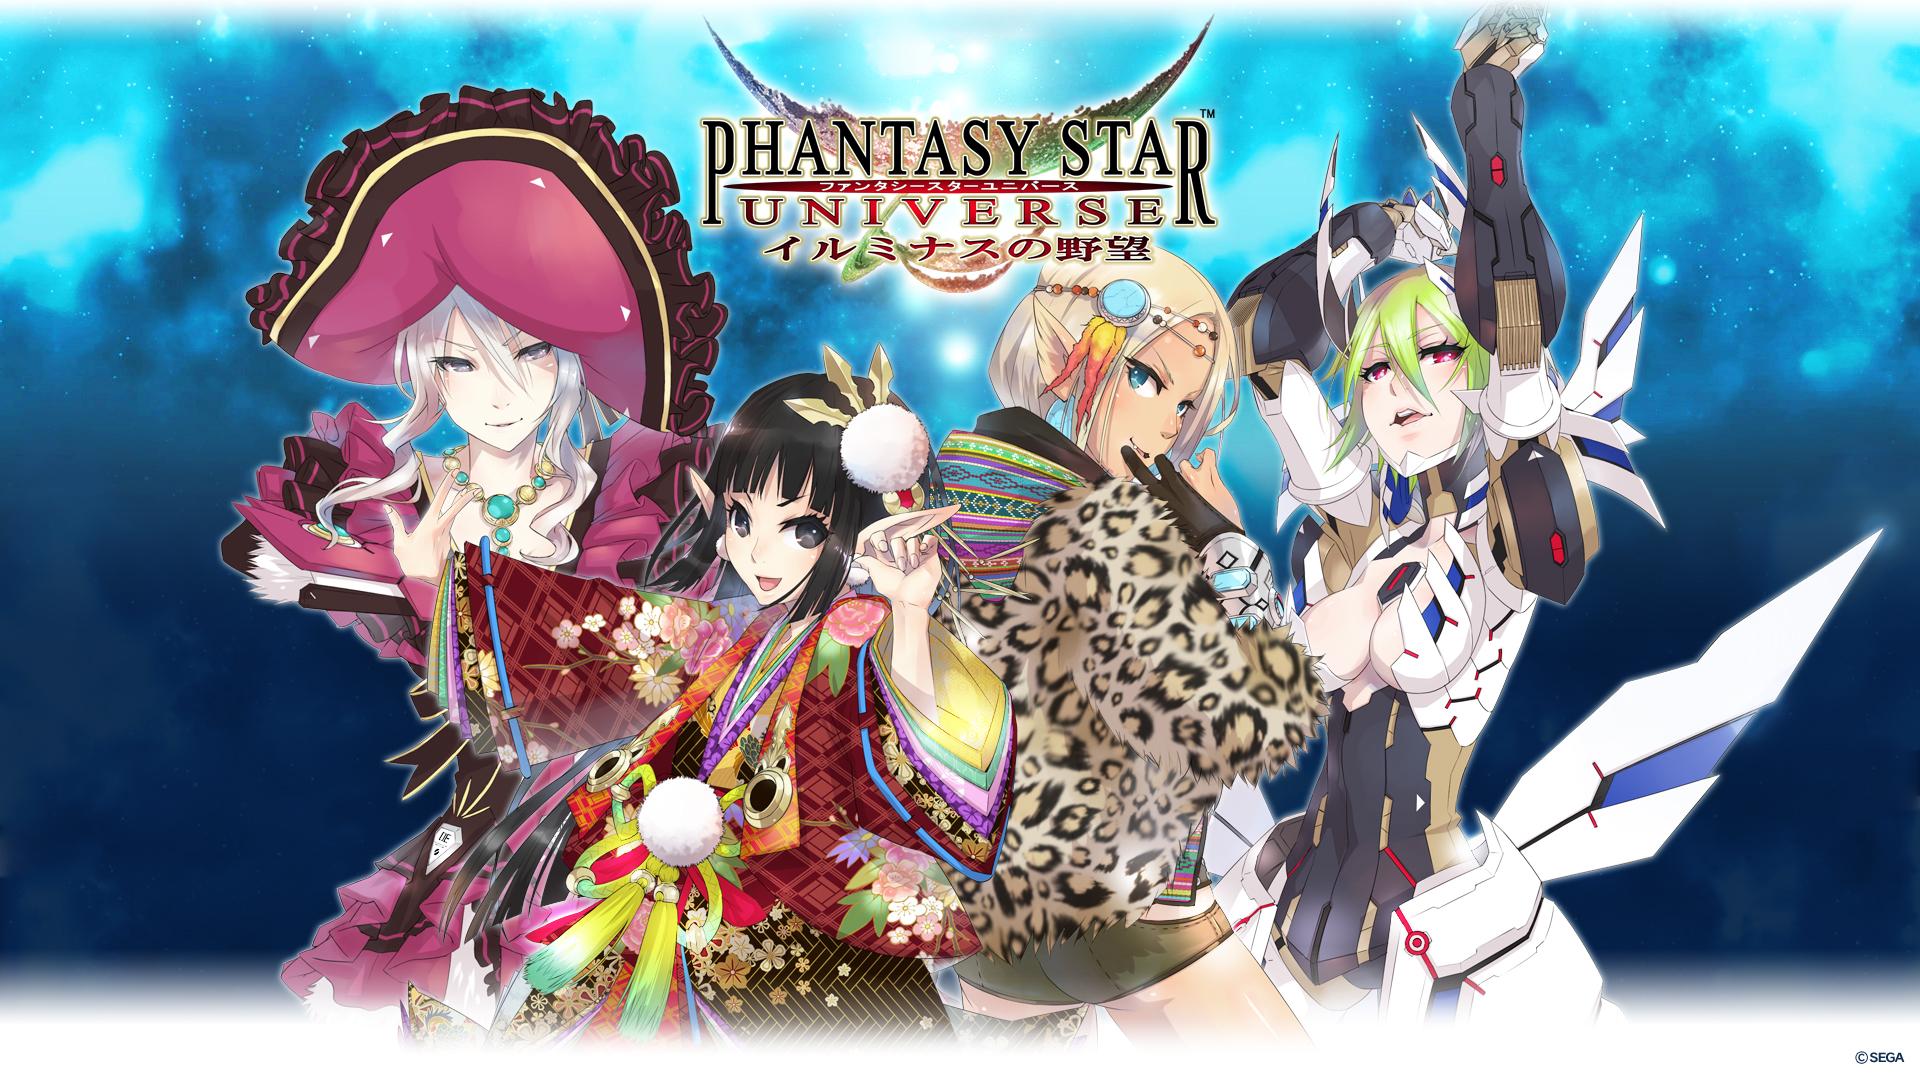 Phantasy Star Online Wallpaper: AotI PSU Memorial Wallpapers